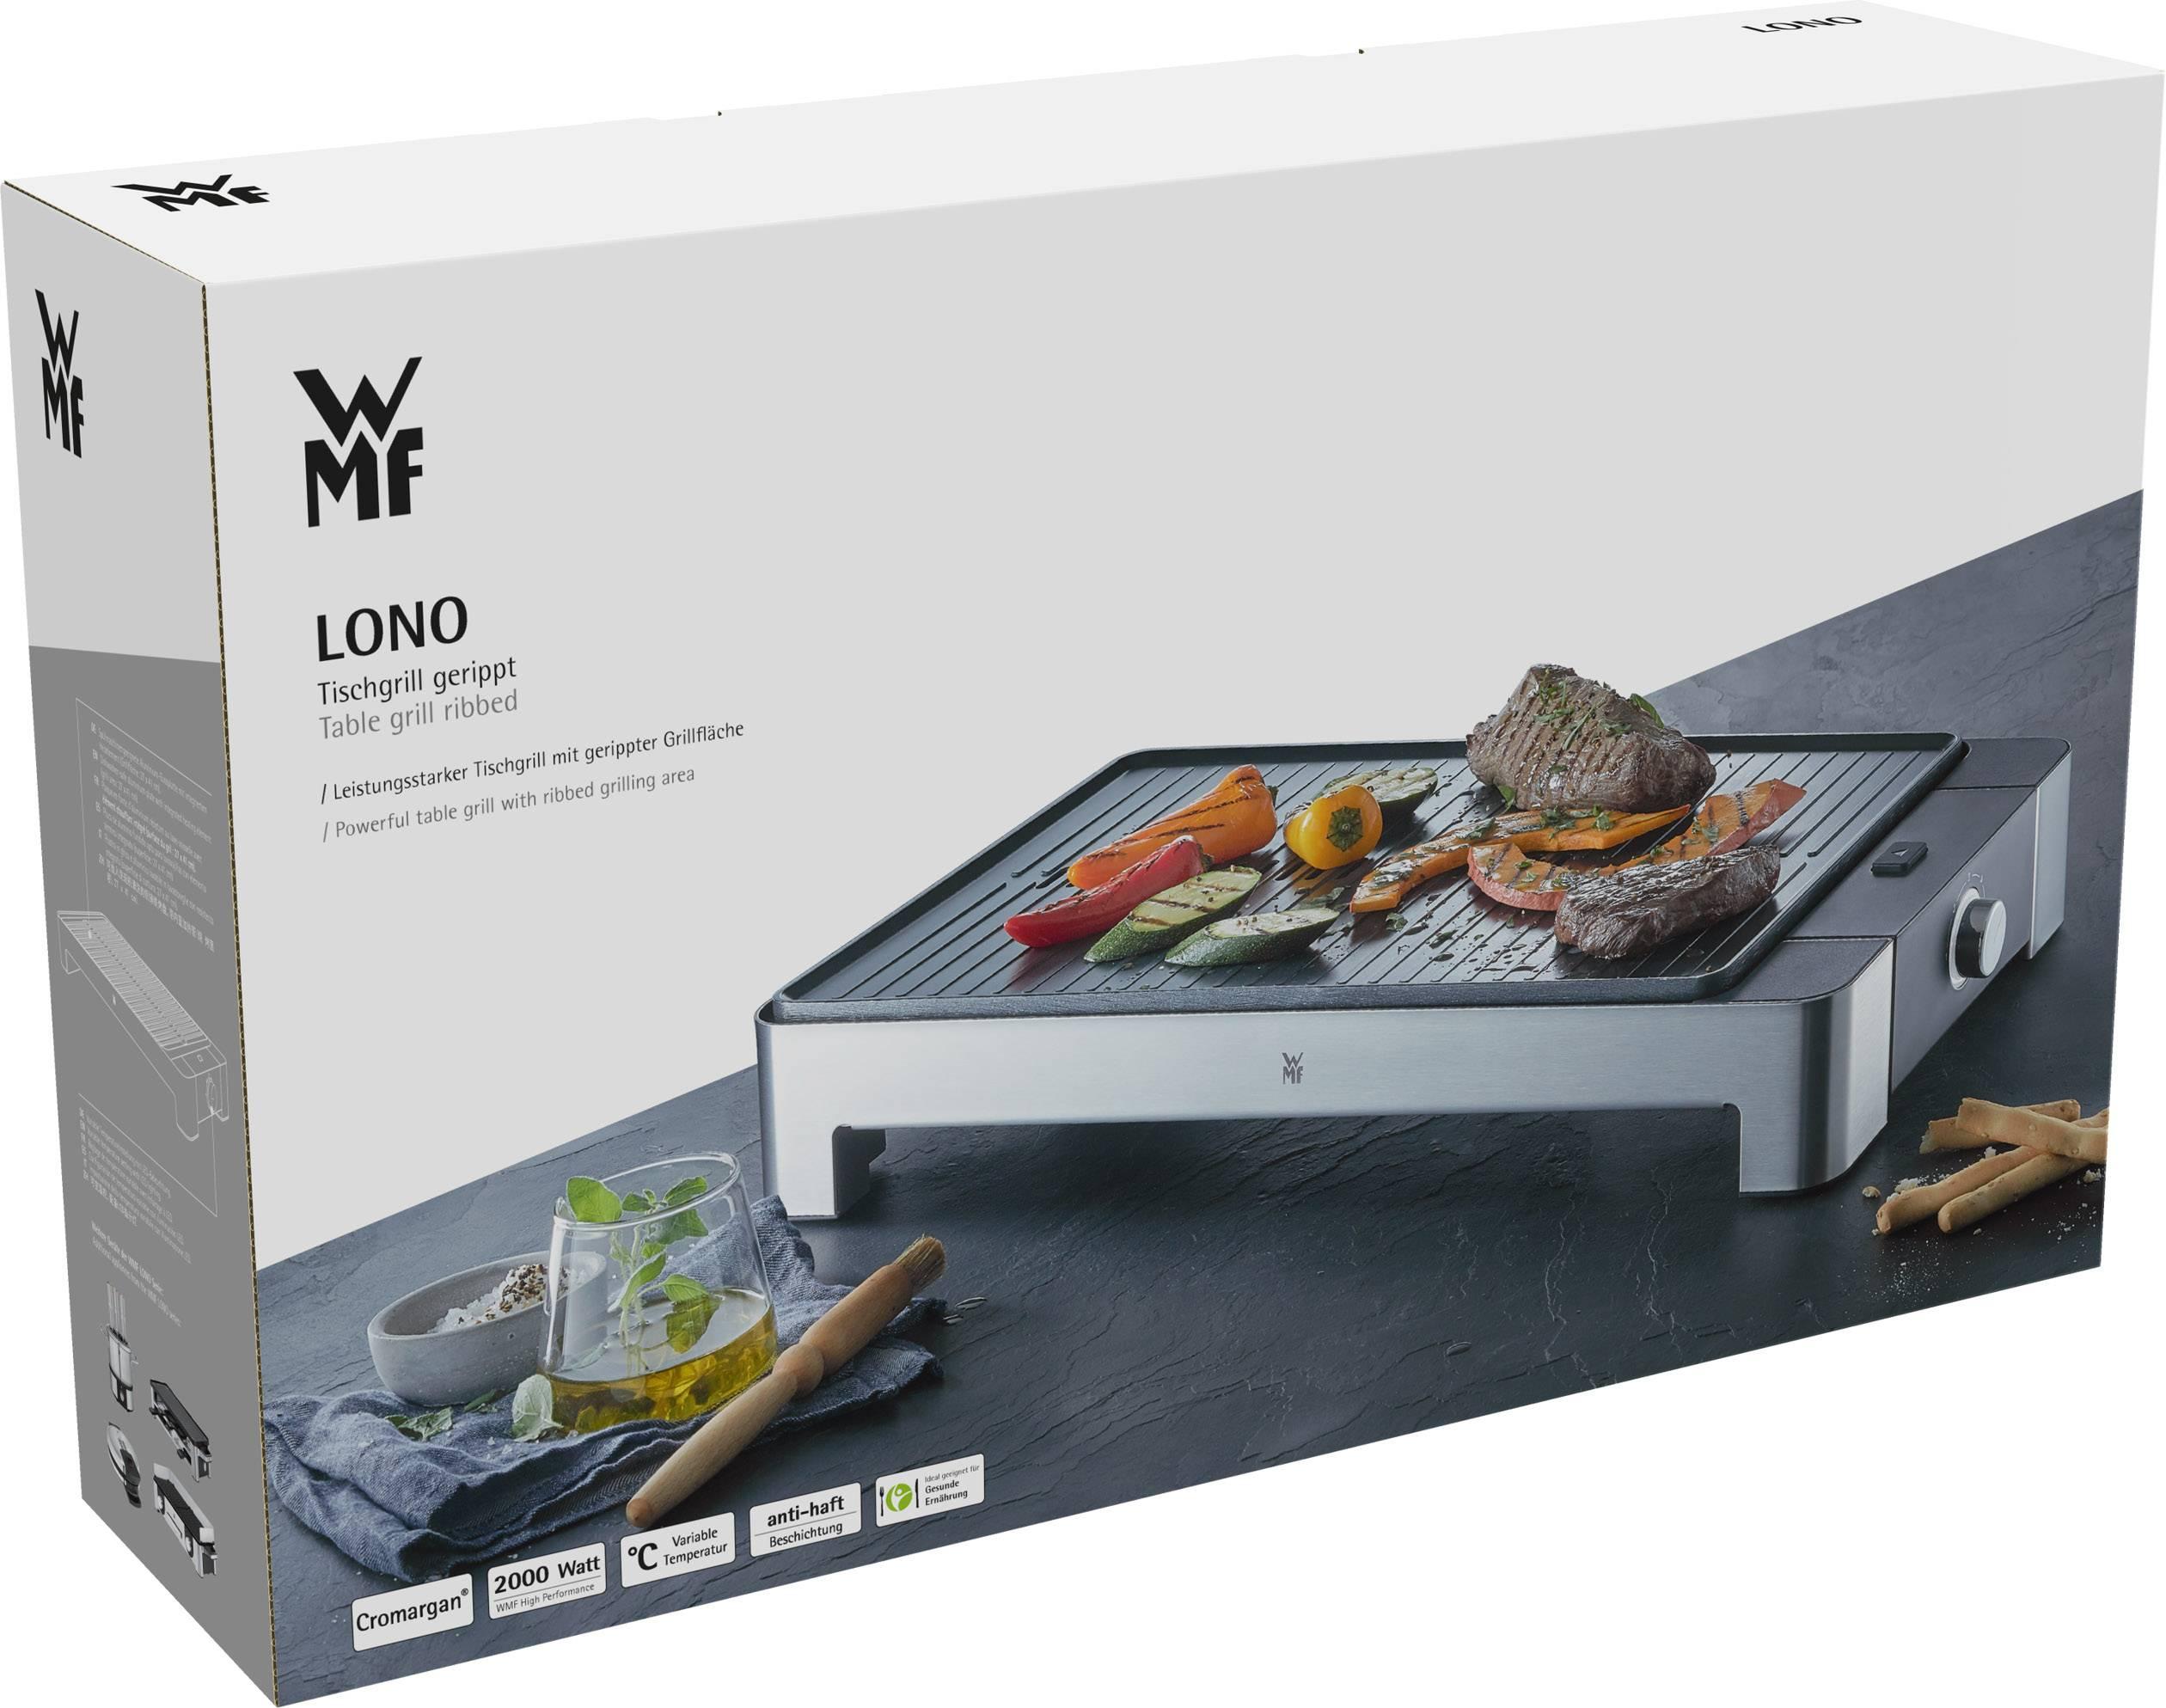 Wmf Elektrogrill 2300 Watt : Wmf elektrogrill xl wmf grill ebay kleinanzeigen wmf lono